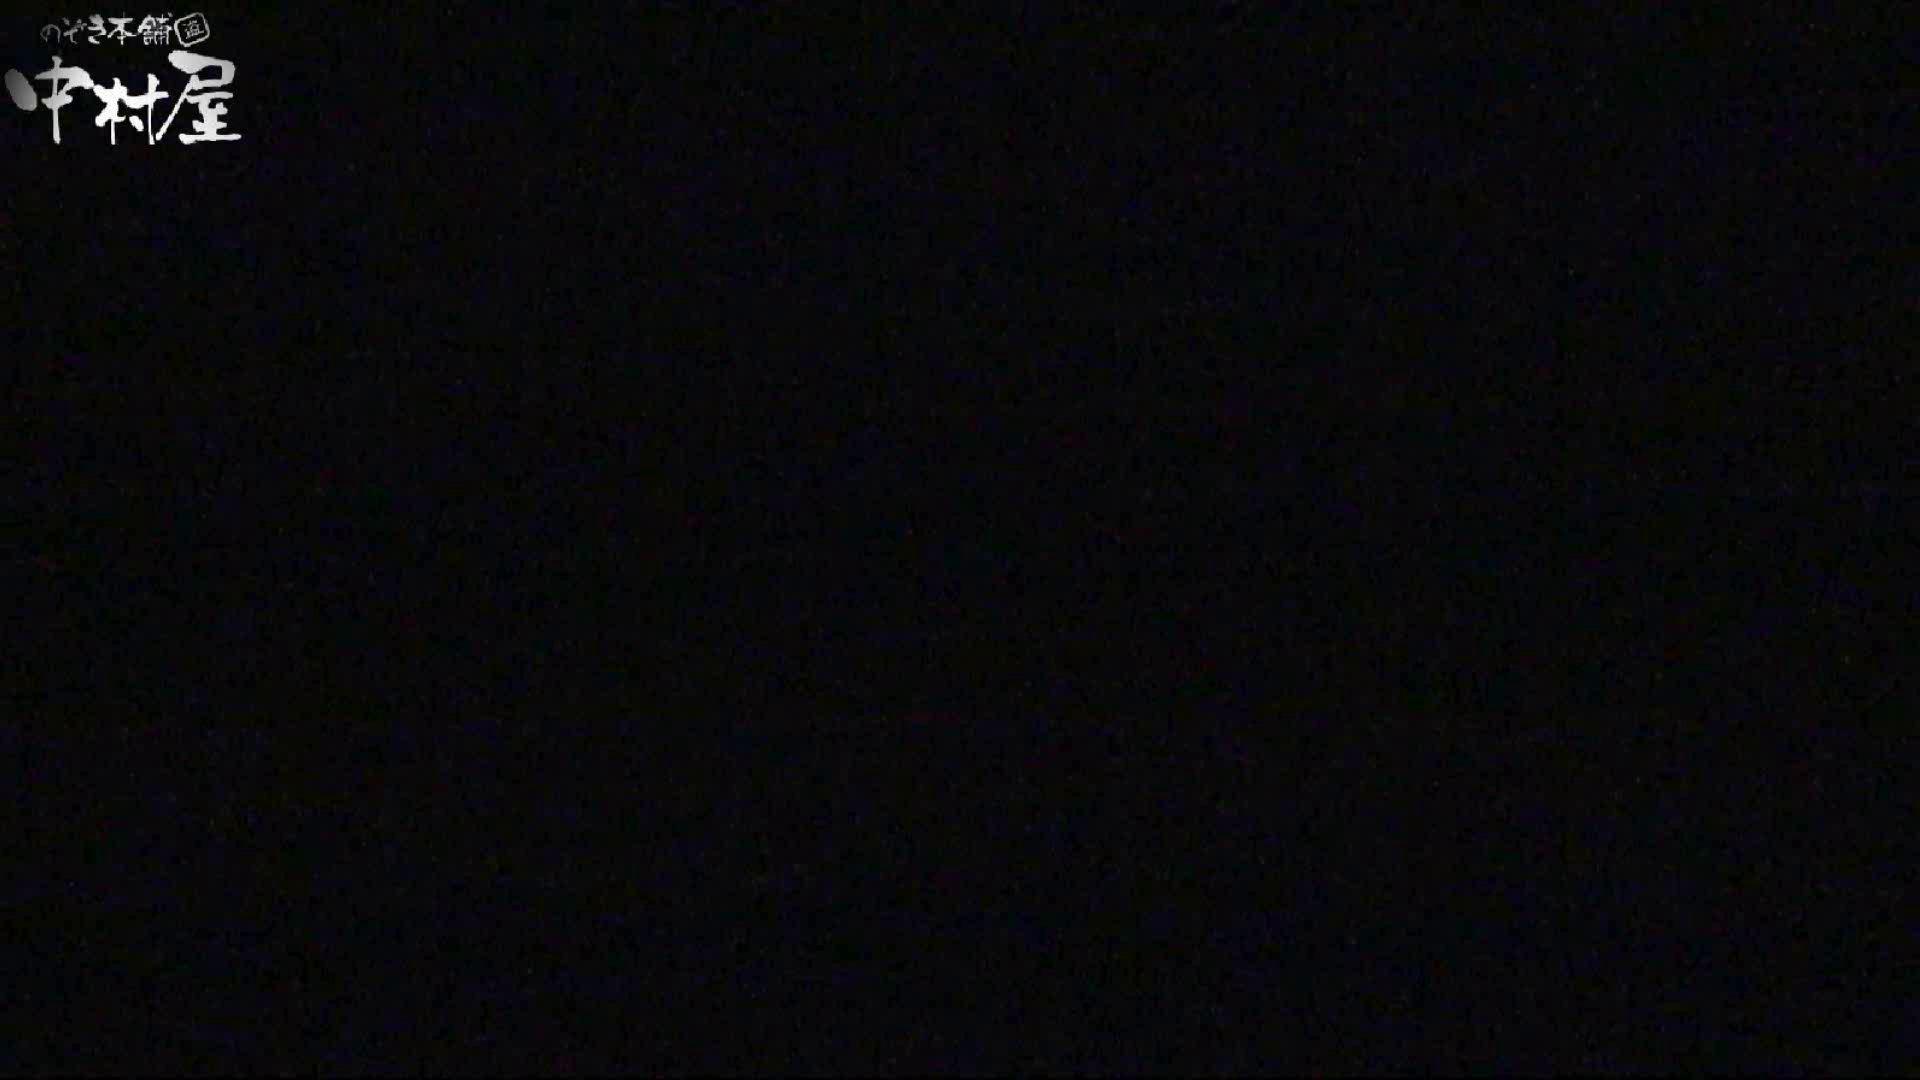 民家風呂専門盗撮師の超危険映像 vol.027 お色気美女 | お色気美少女  112枚 1